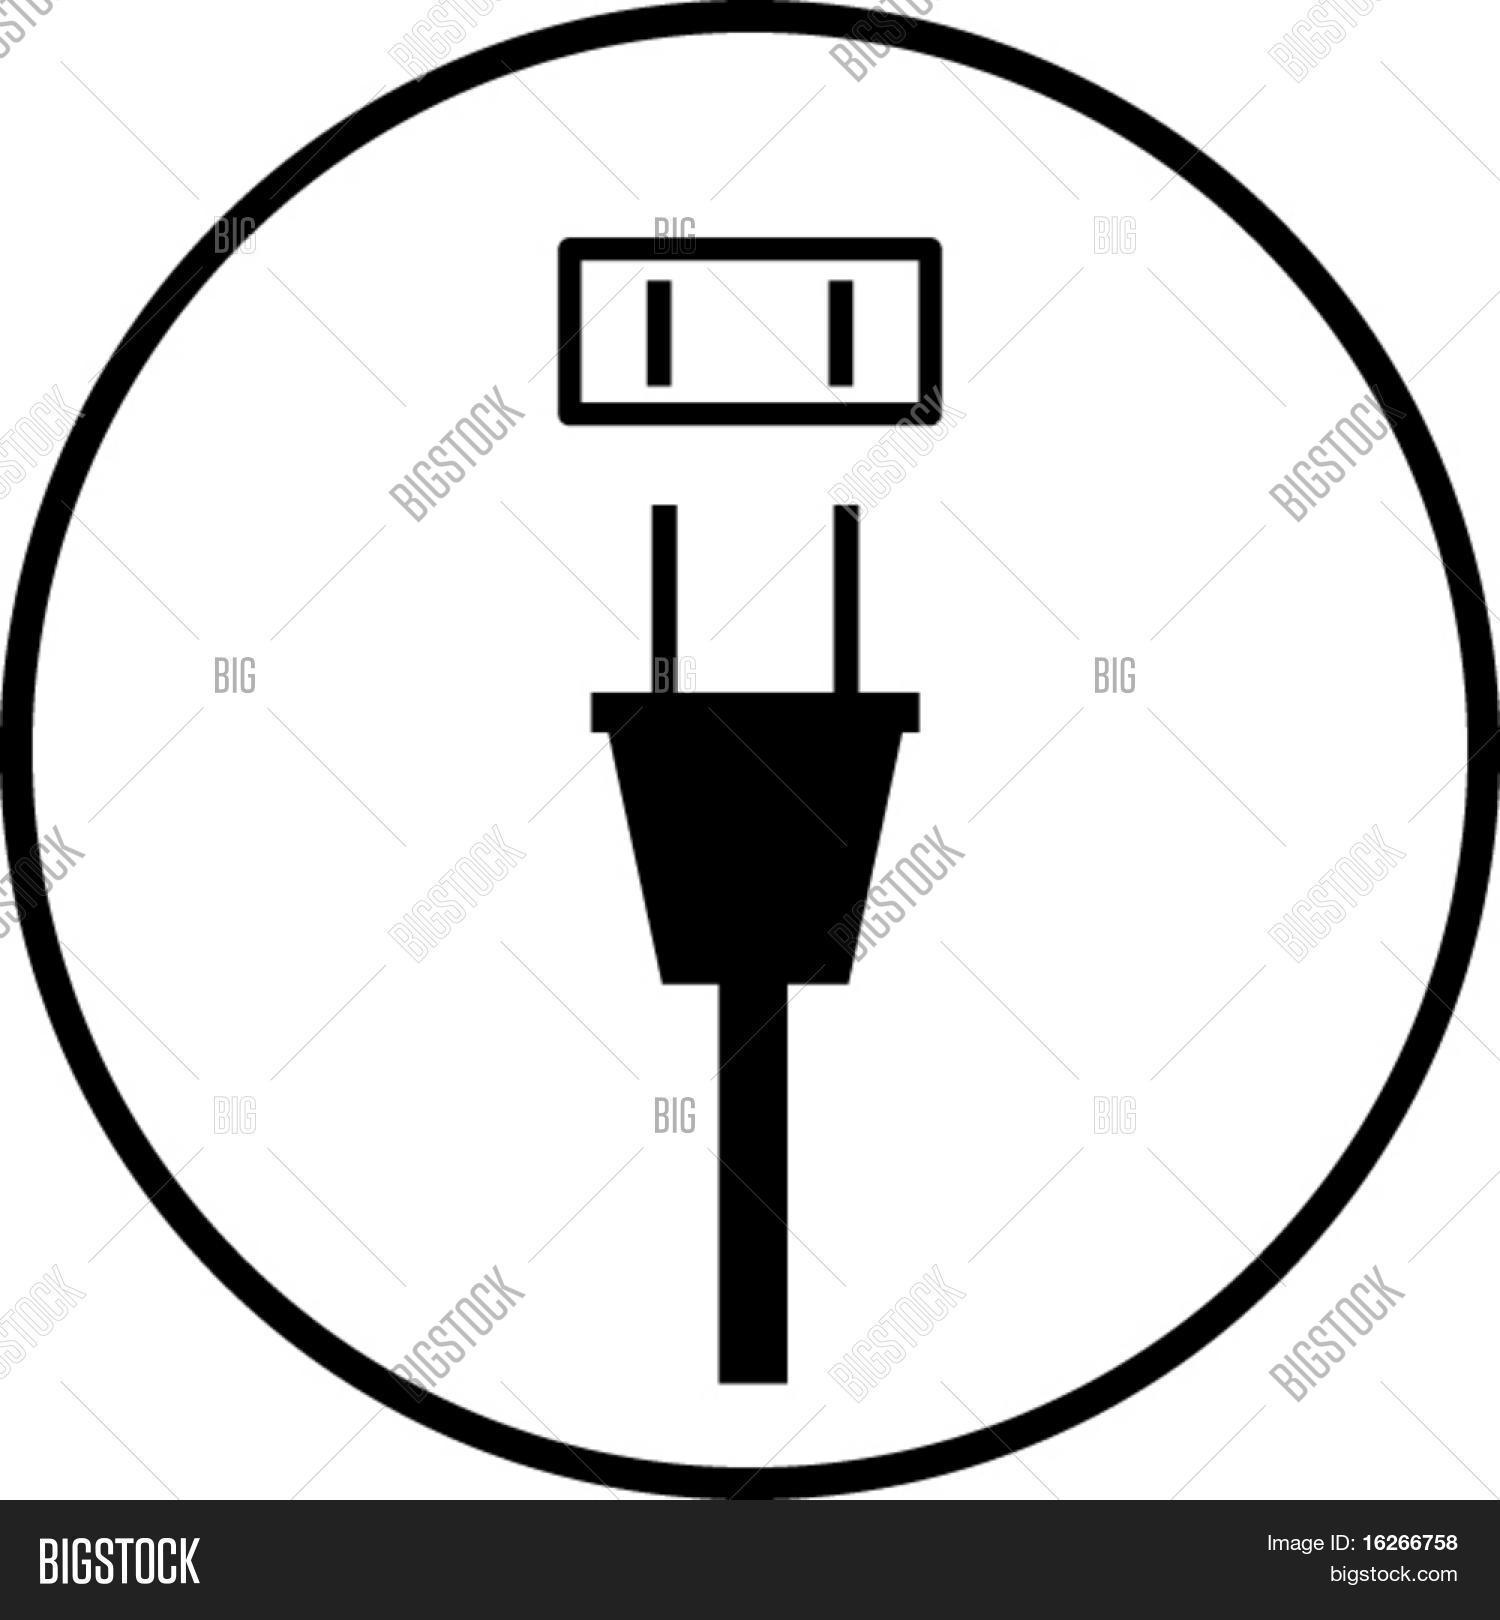 Enchanting Voltage Ac Symbol Gallery - Electrical Diagram Ideas ...